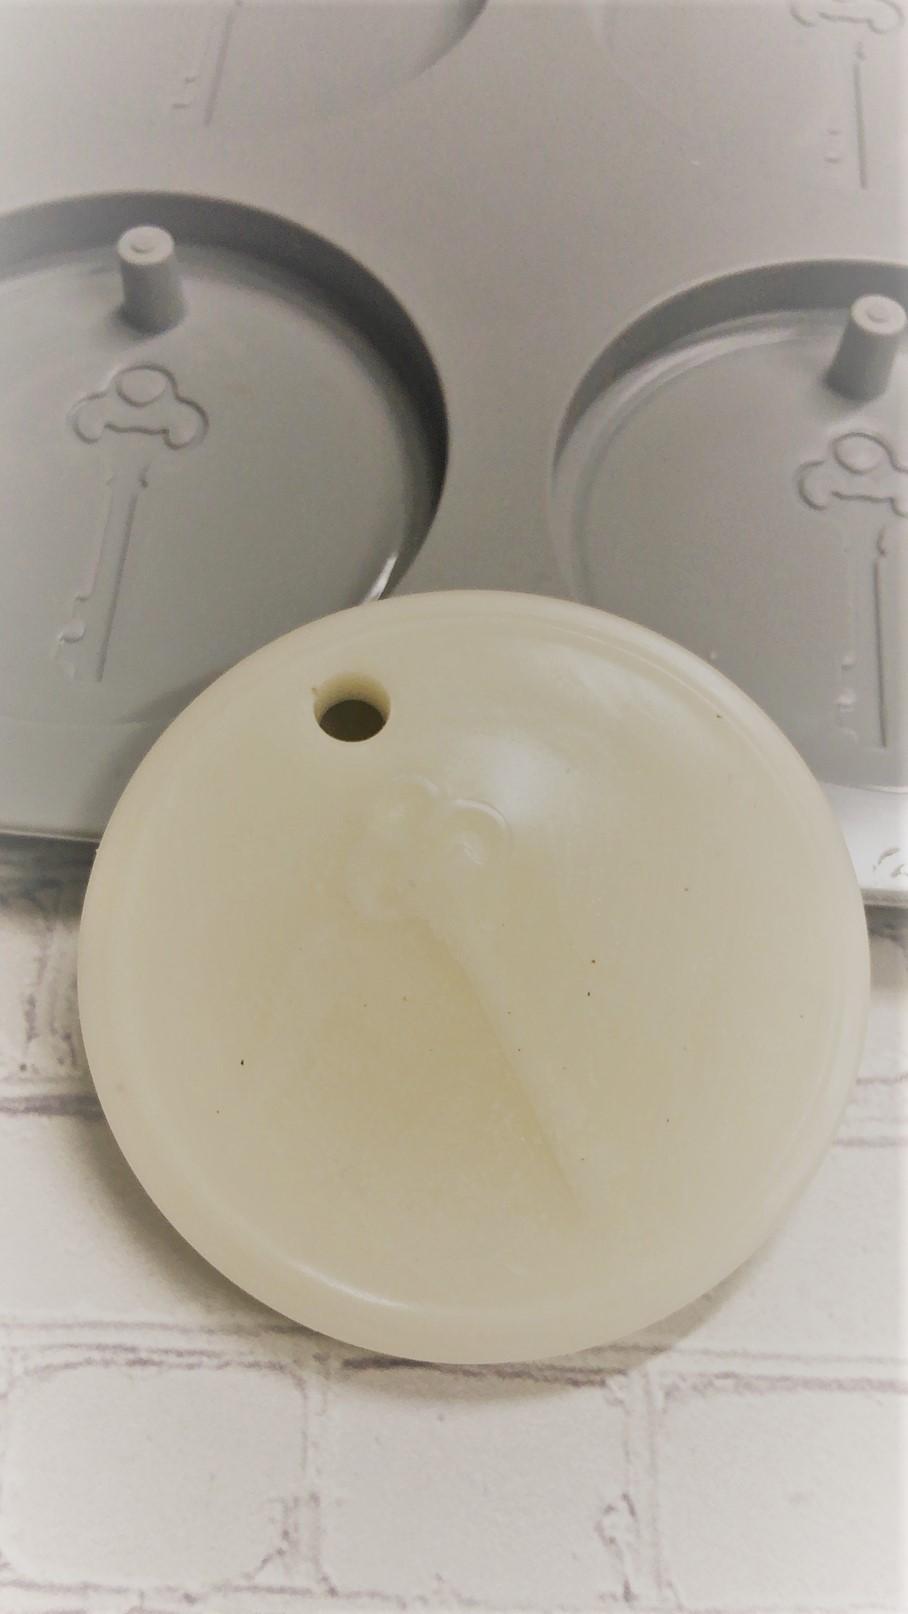 サシェ用モールド丸形(鍵デザイン) 1シート(6個用) サイズΦ60mm×H65mm